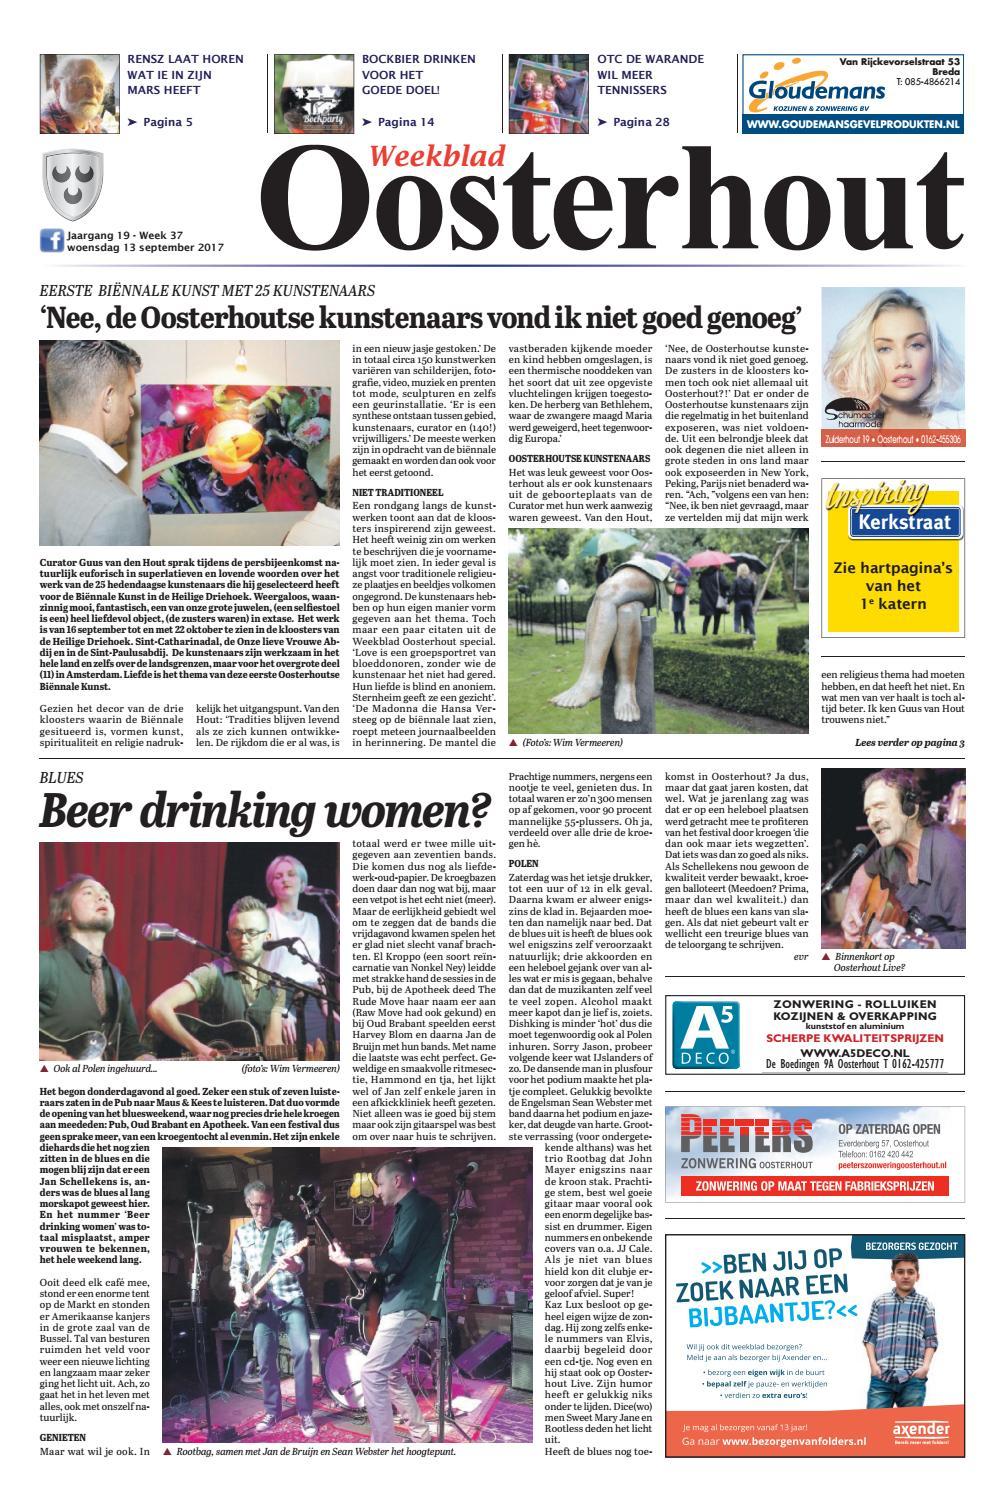 Weekblad Oosterhout 13-09-2017 by Uitgeverij Em de Jong - issuu 803f0dcc0b